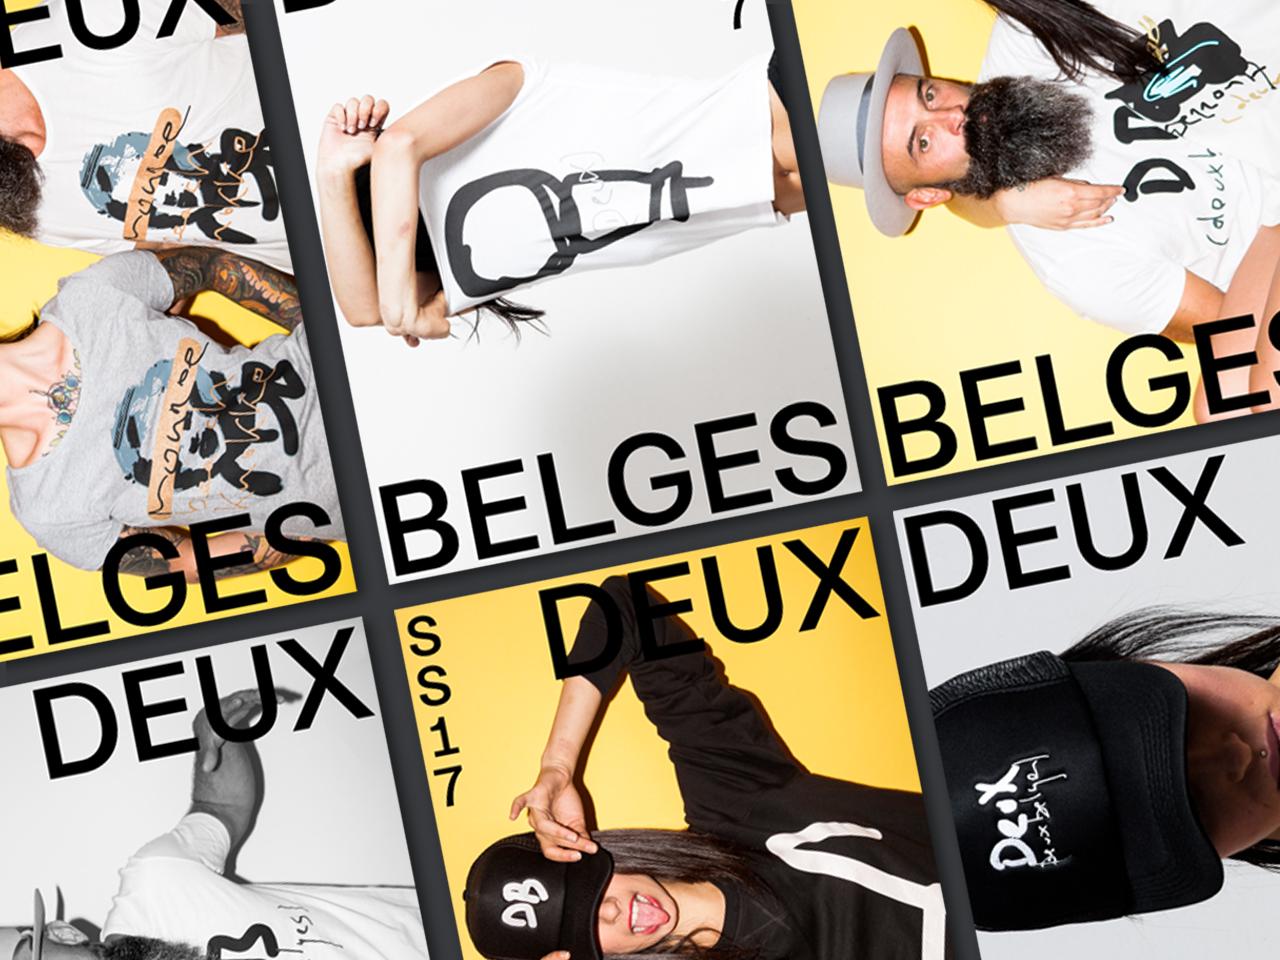 Deux Belges posters